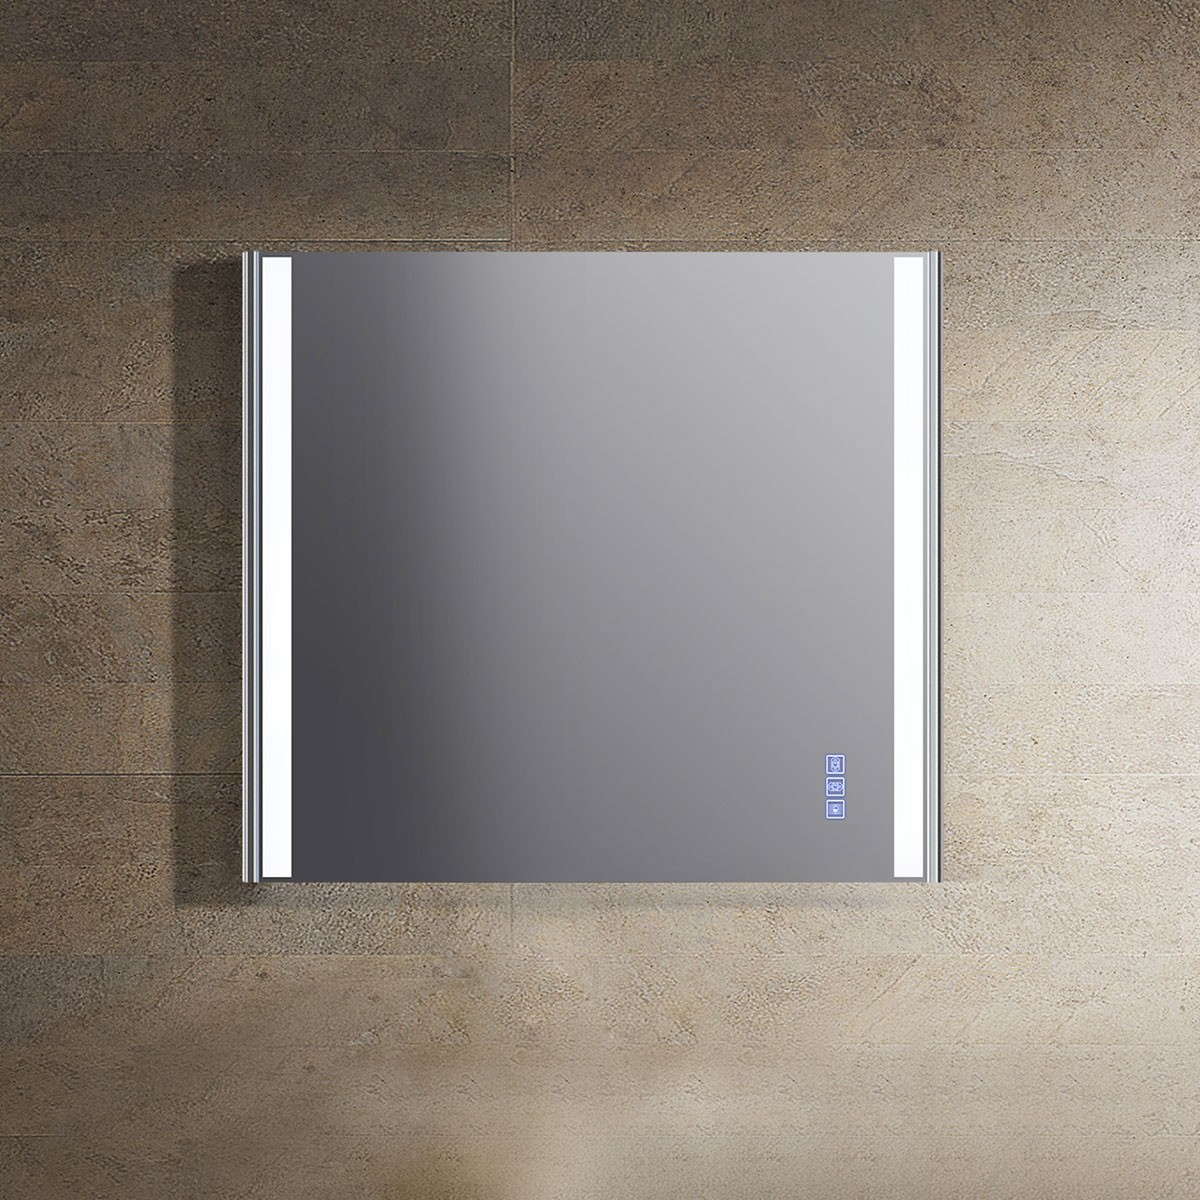 30 x 30 Po Miroir LED avec Bouton Tactile de Meuble Salle de Bain (DW1202-M)